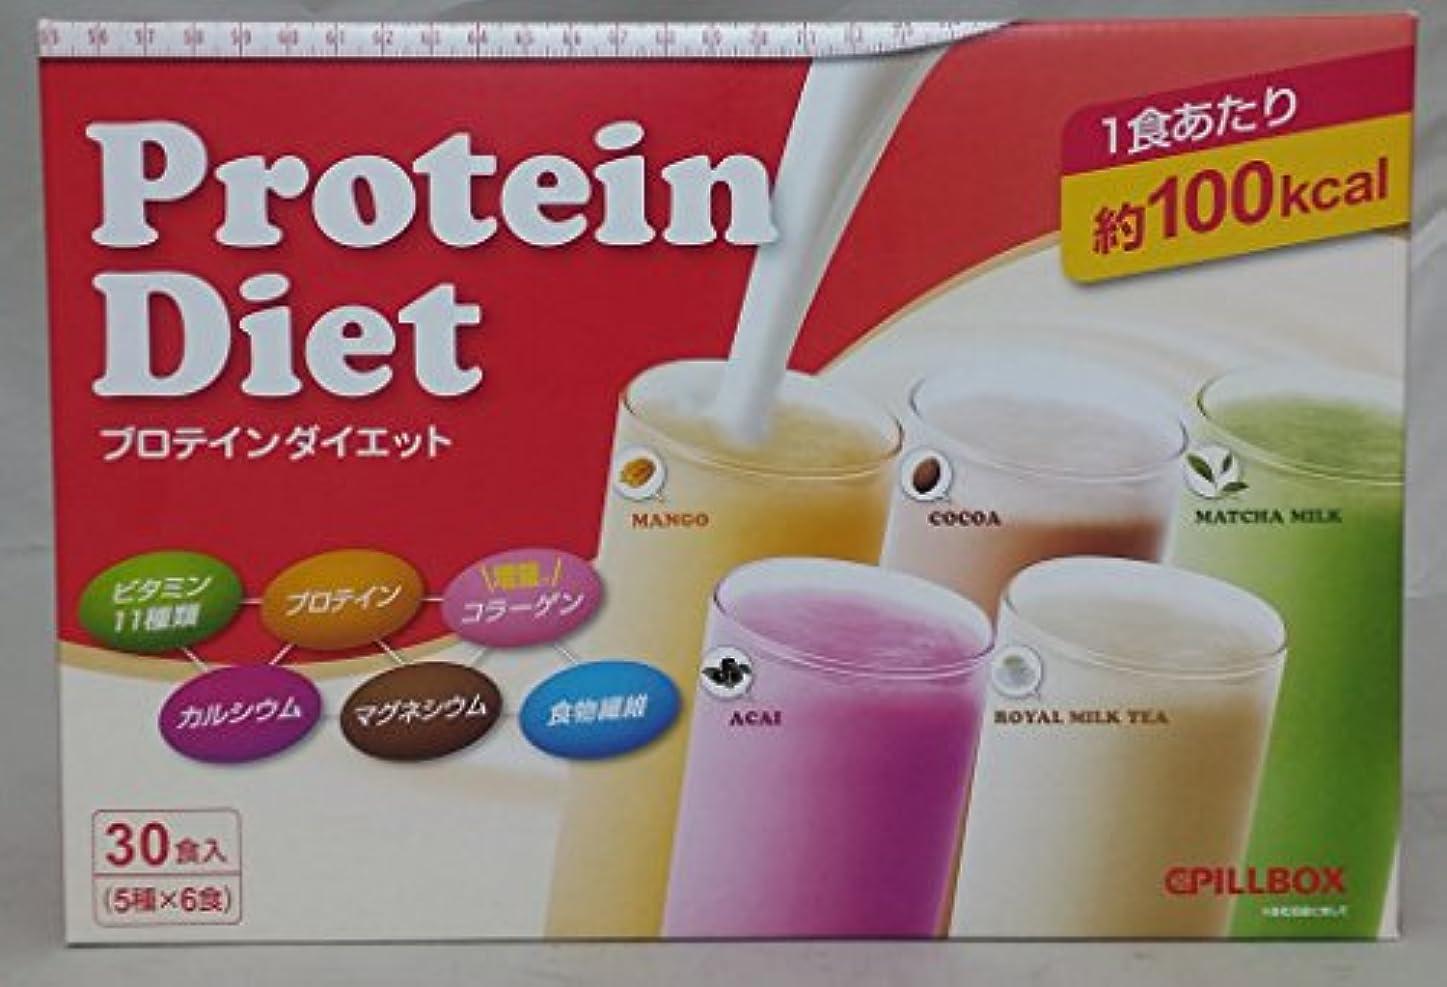 職業悔い改め展示会ピルボックス Protein Diet プロテイン ダイエット 31g×30食入り 5種類のフレーバー